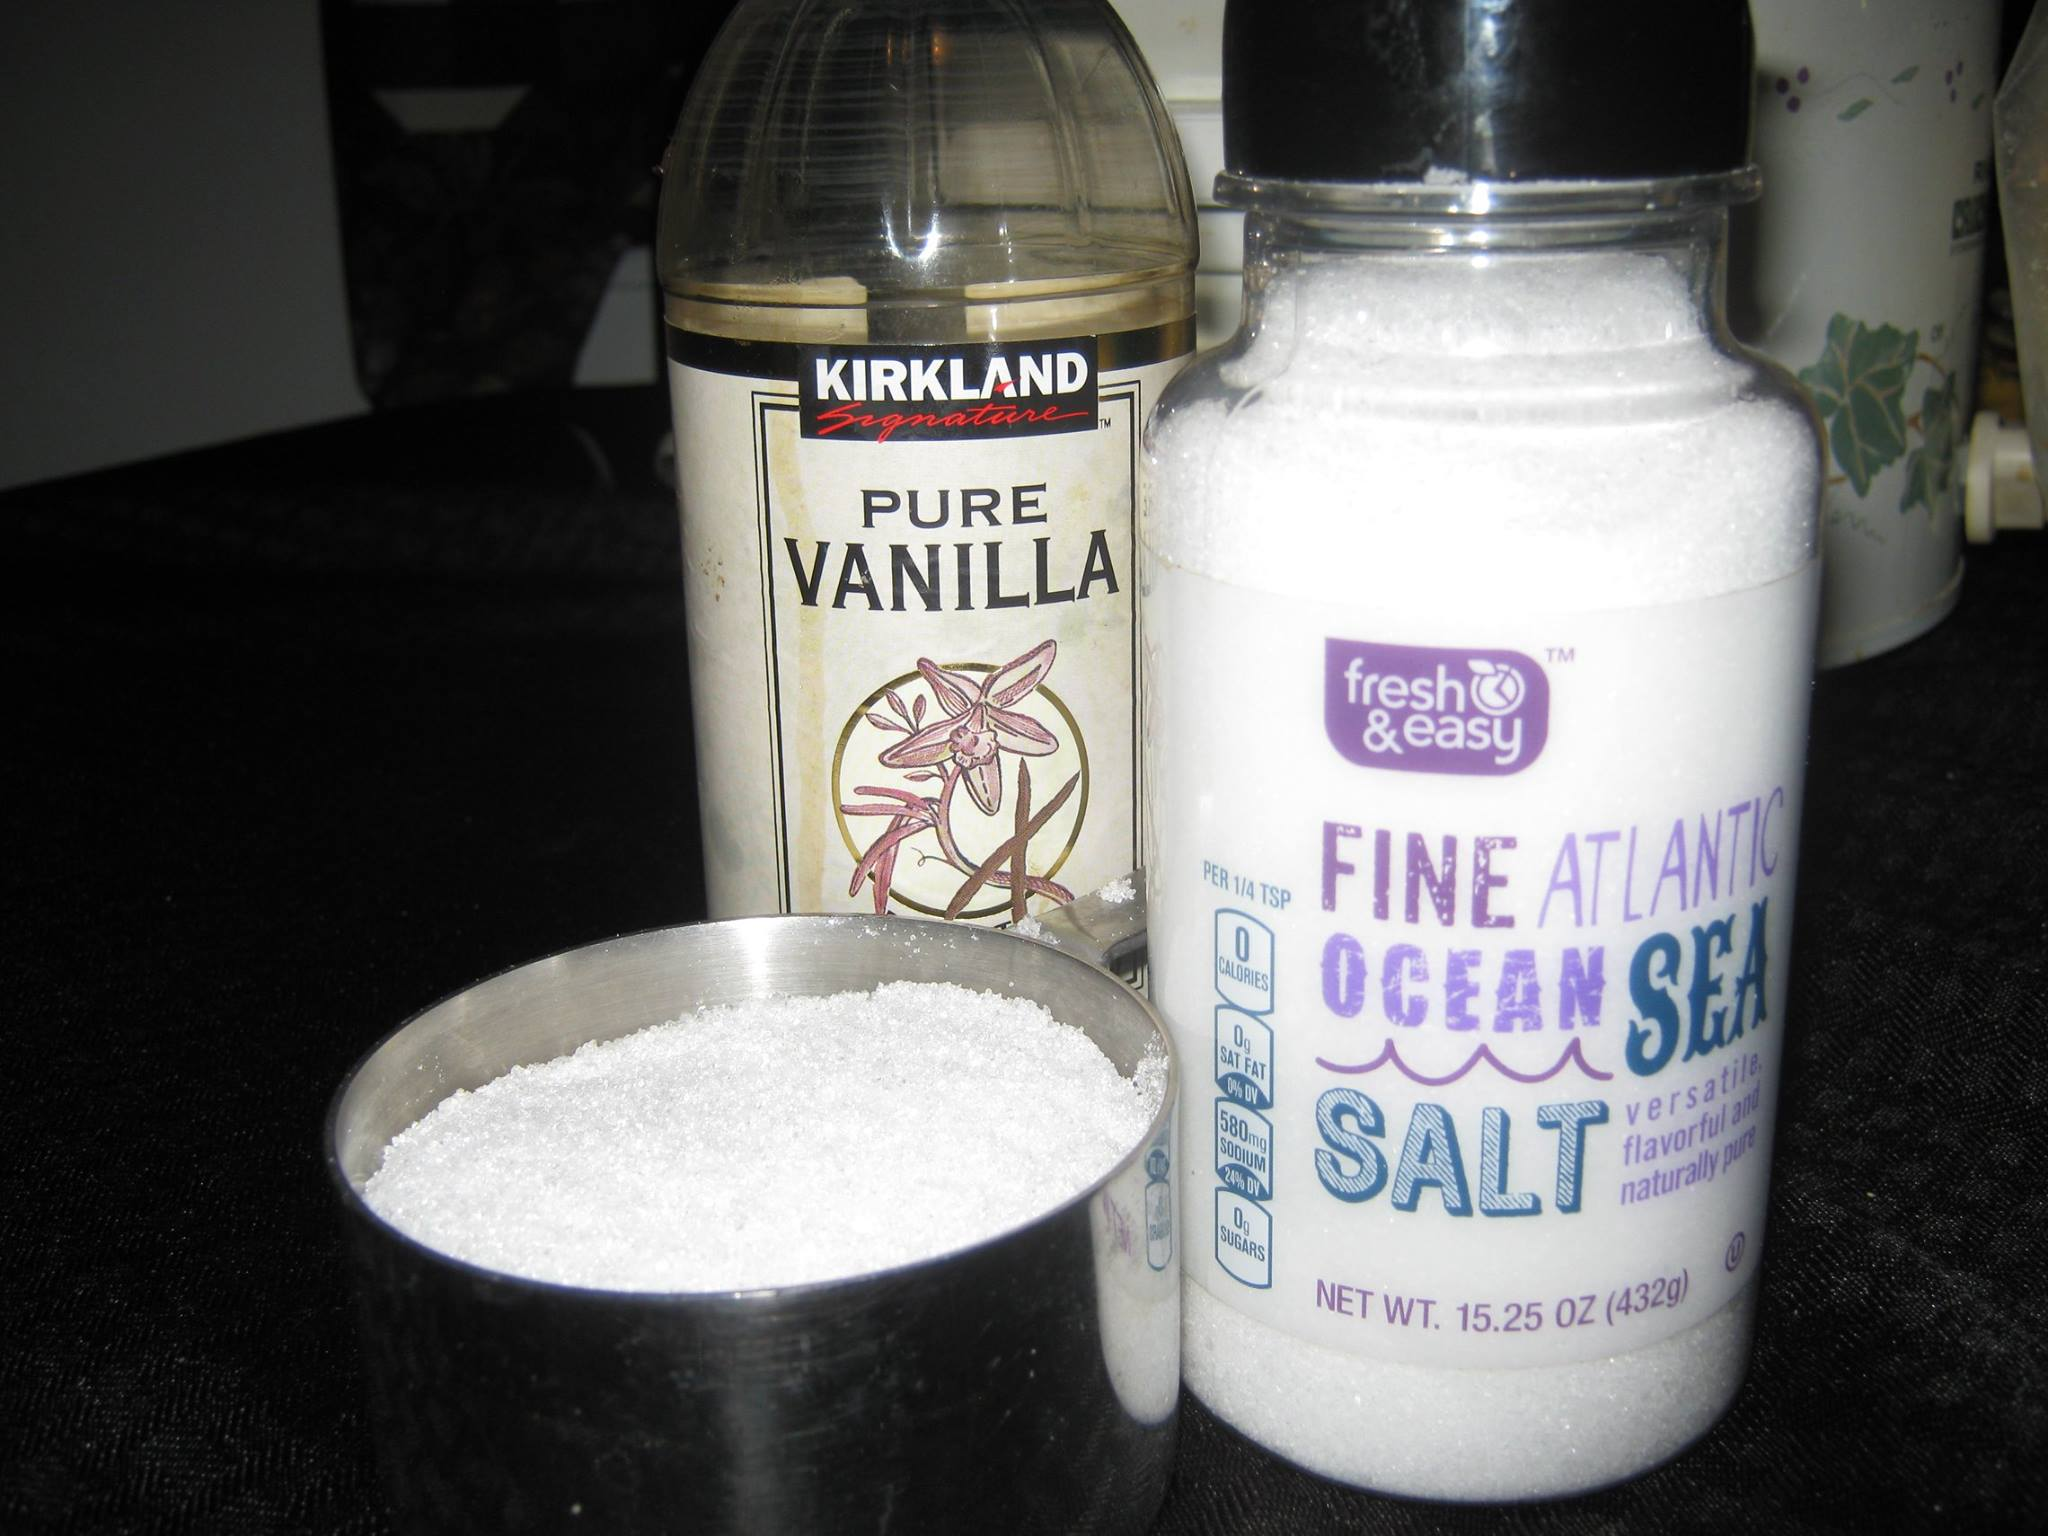 Salt, xylitol and vanilla